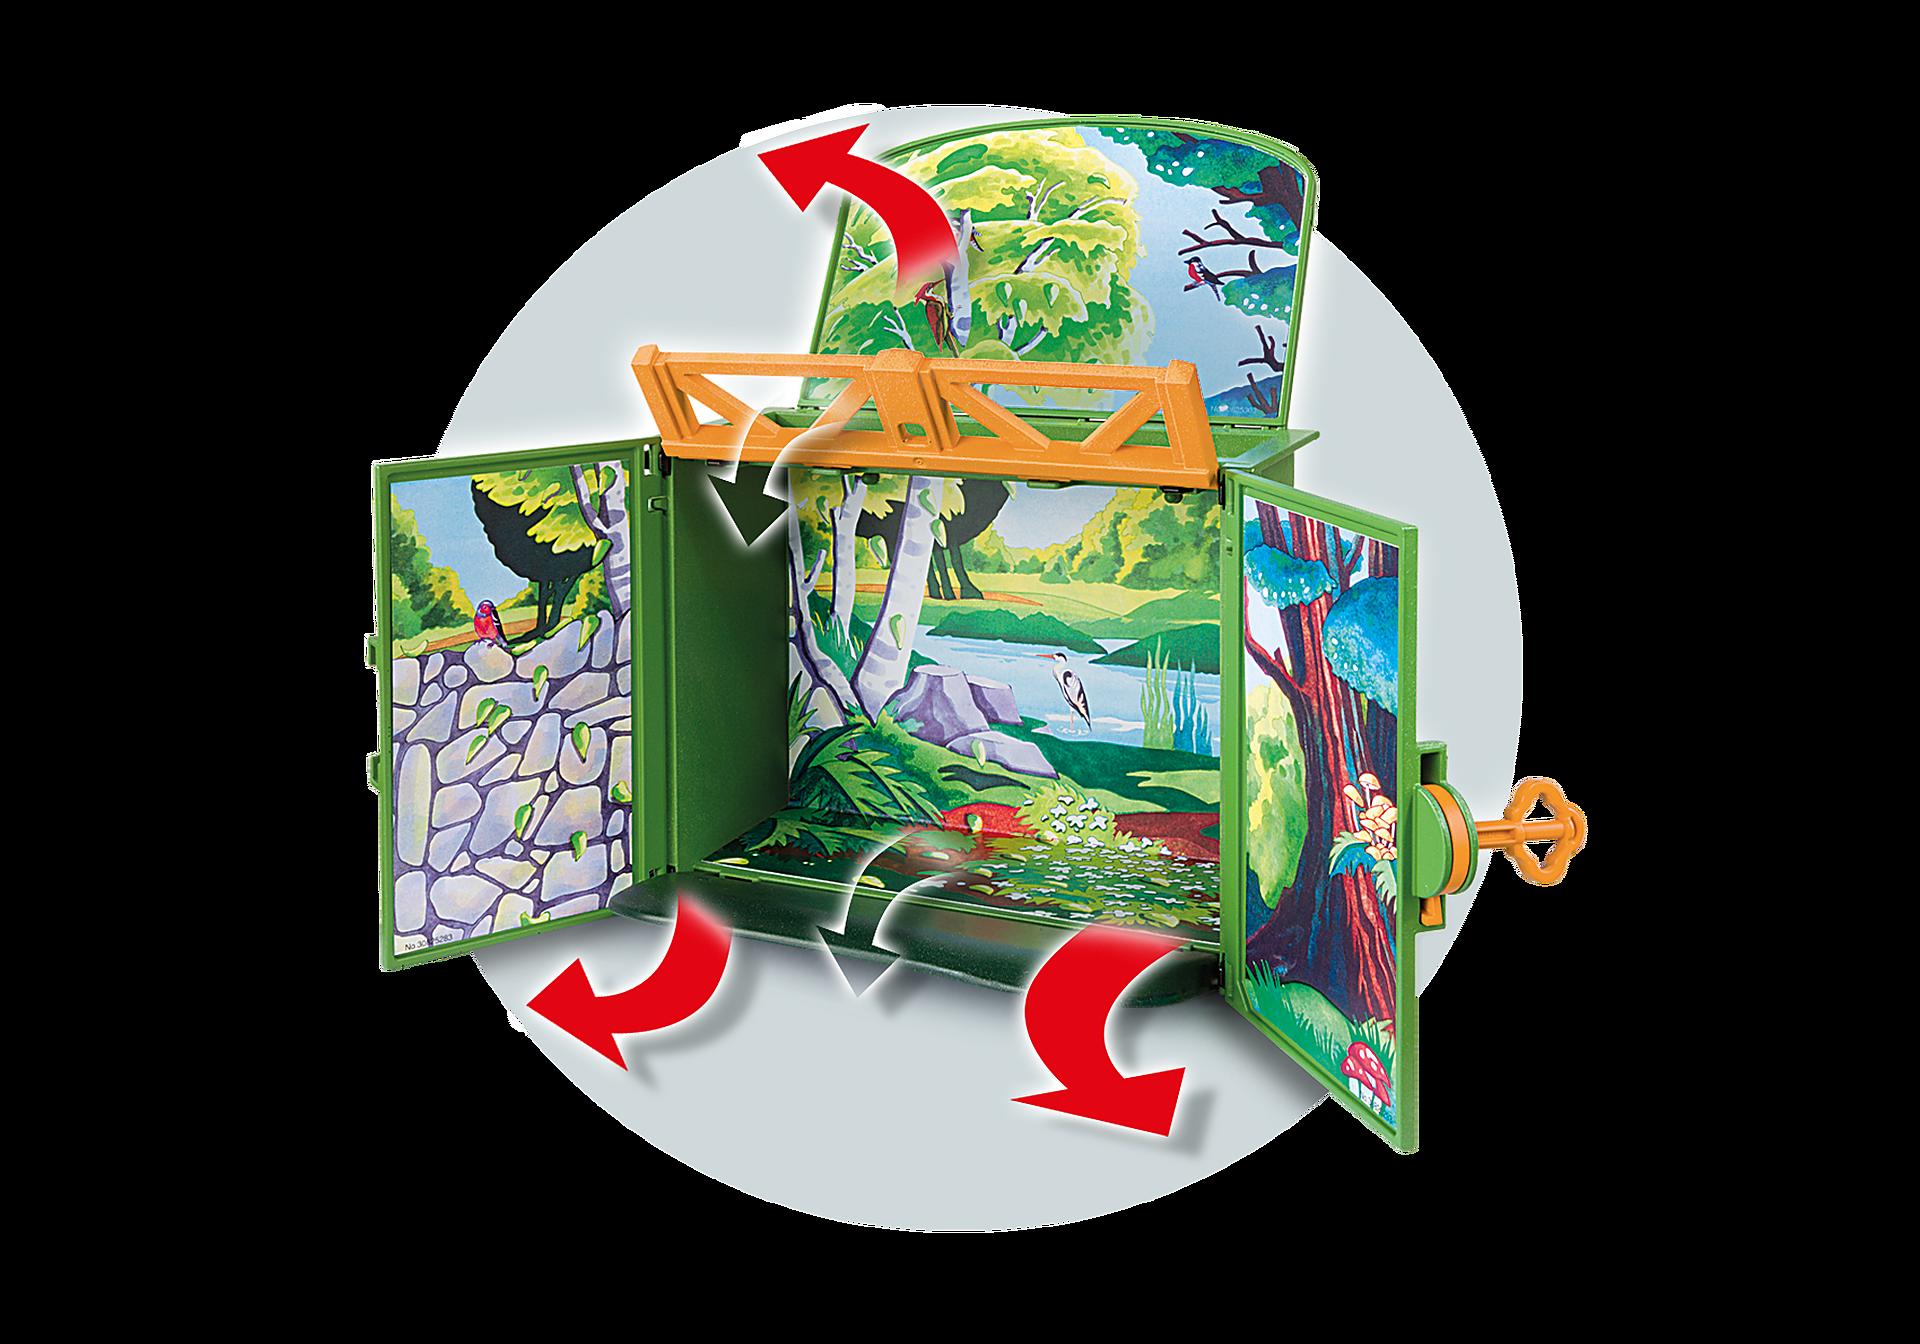 http://media.playmobil.com/i/playmobil/6158_product_extra1/Cofre Animais do Bosque